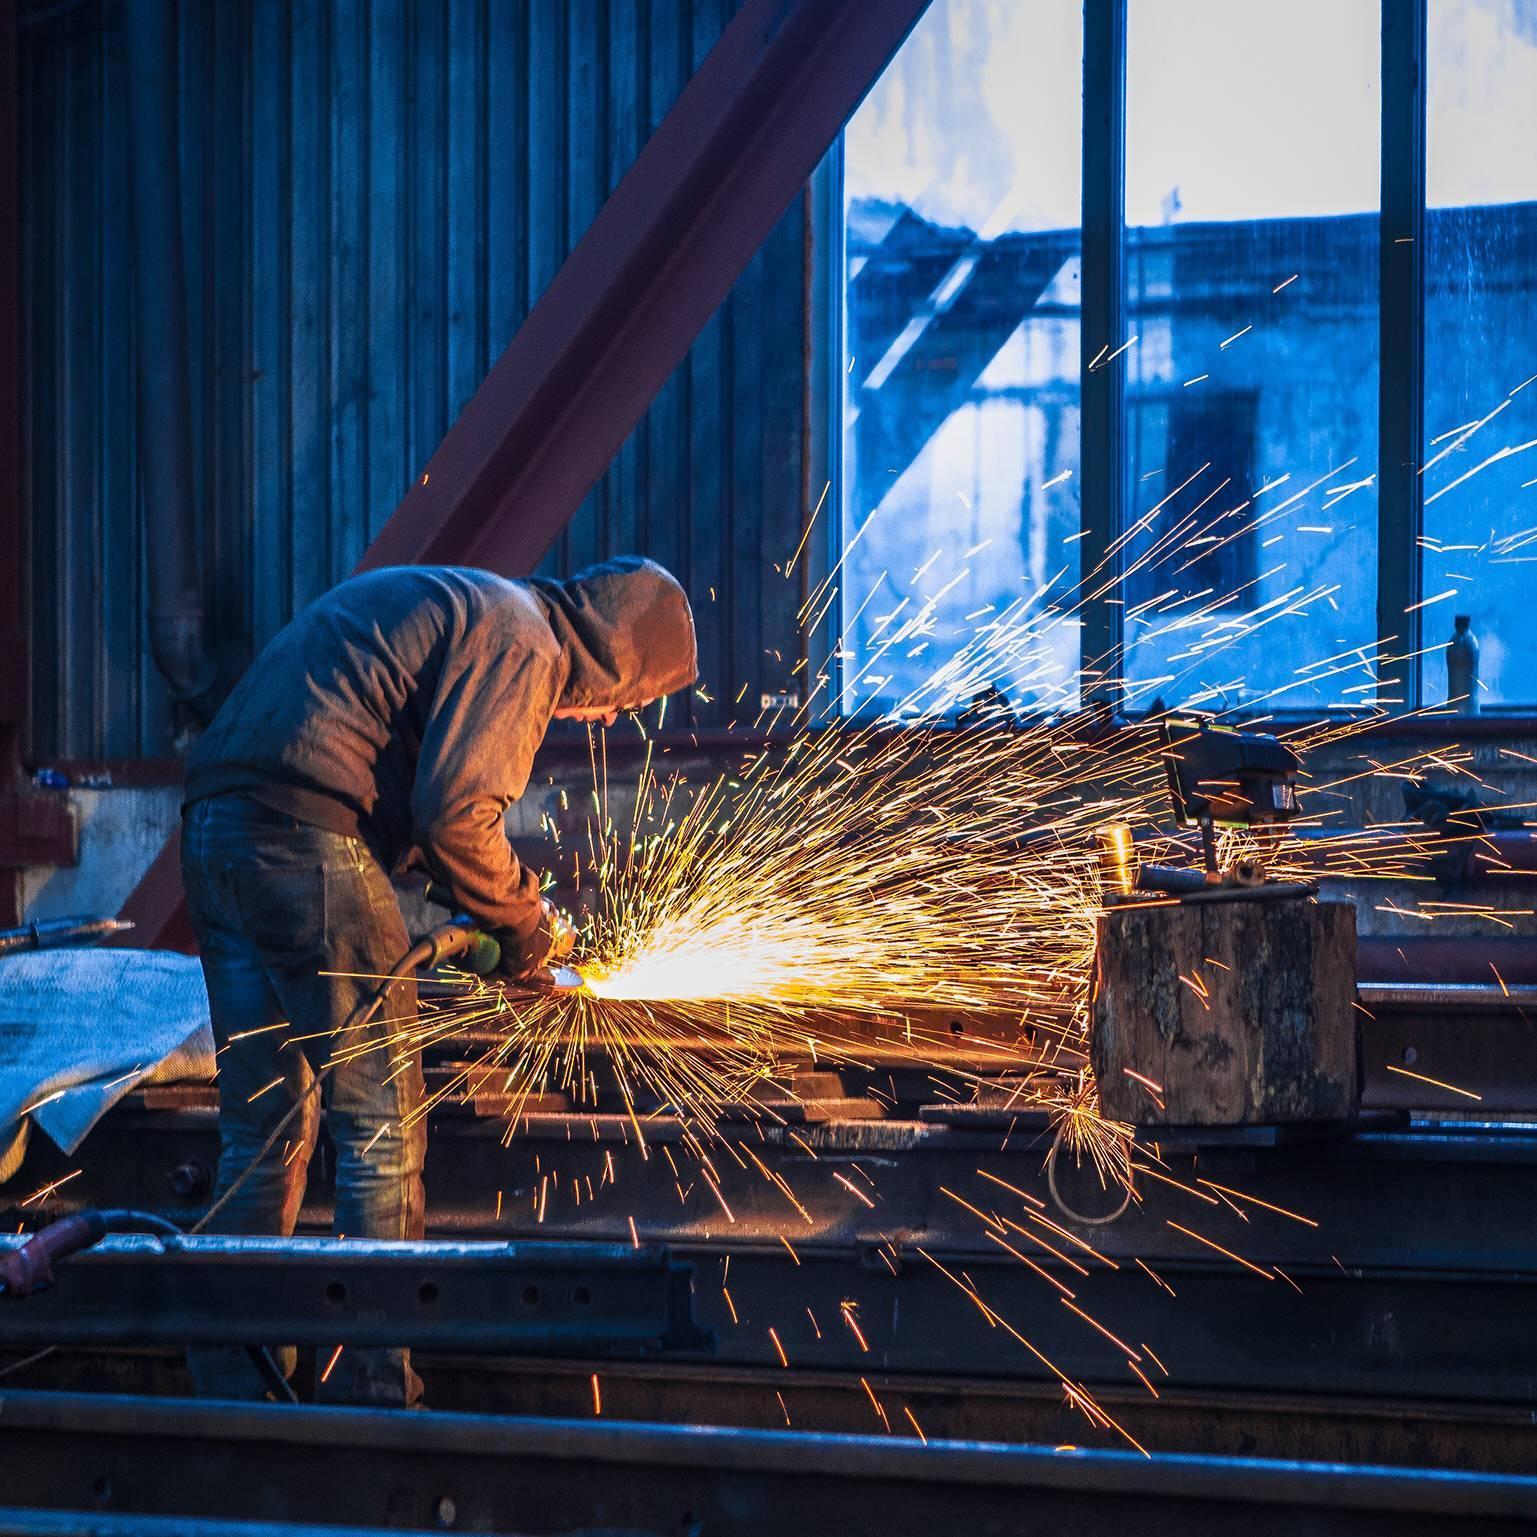 Manufacturing - Budzar_Industries